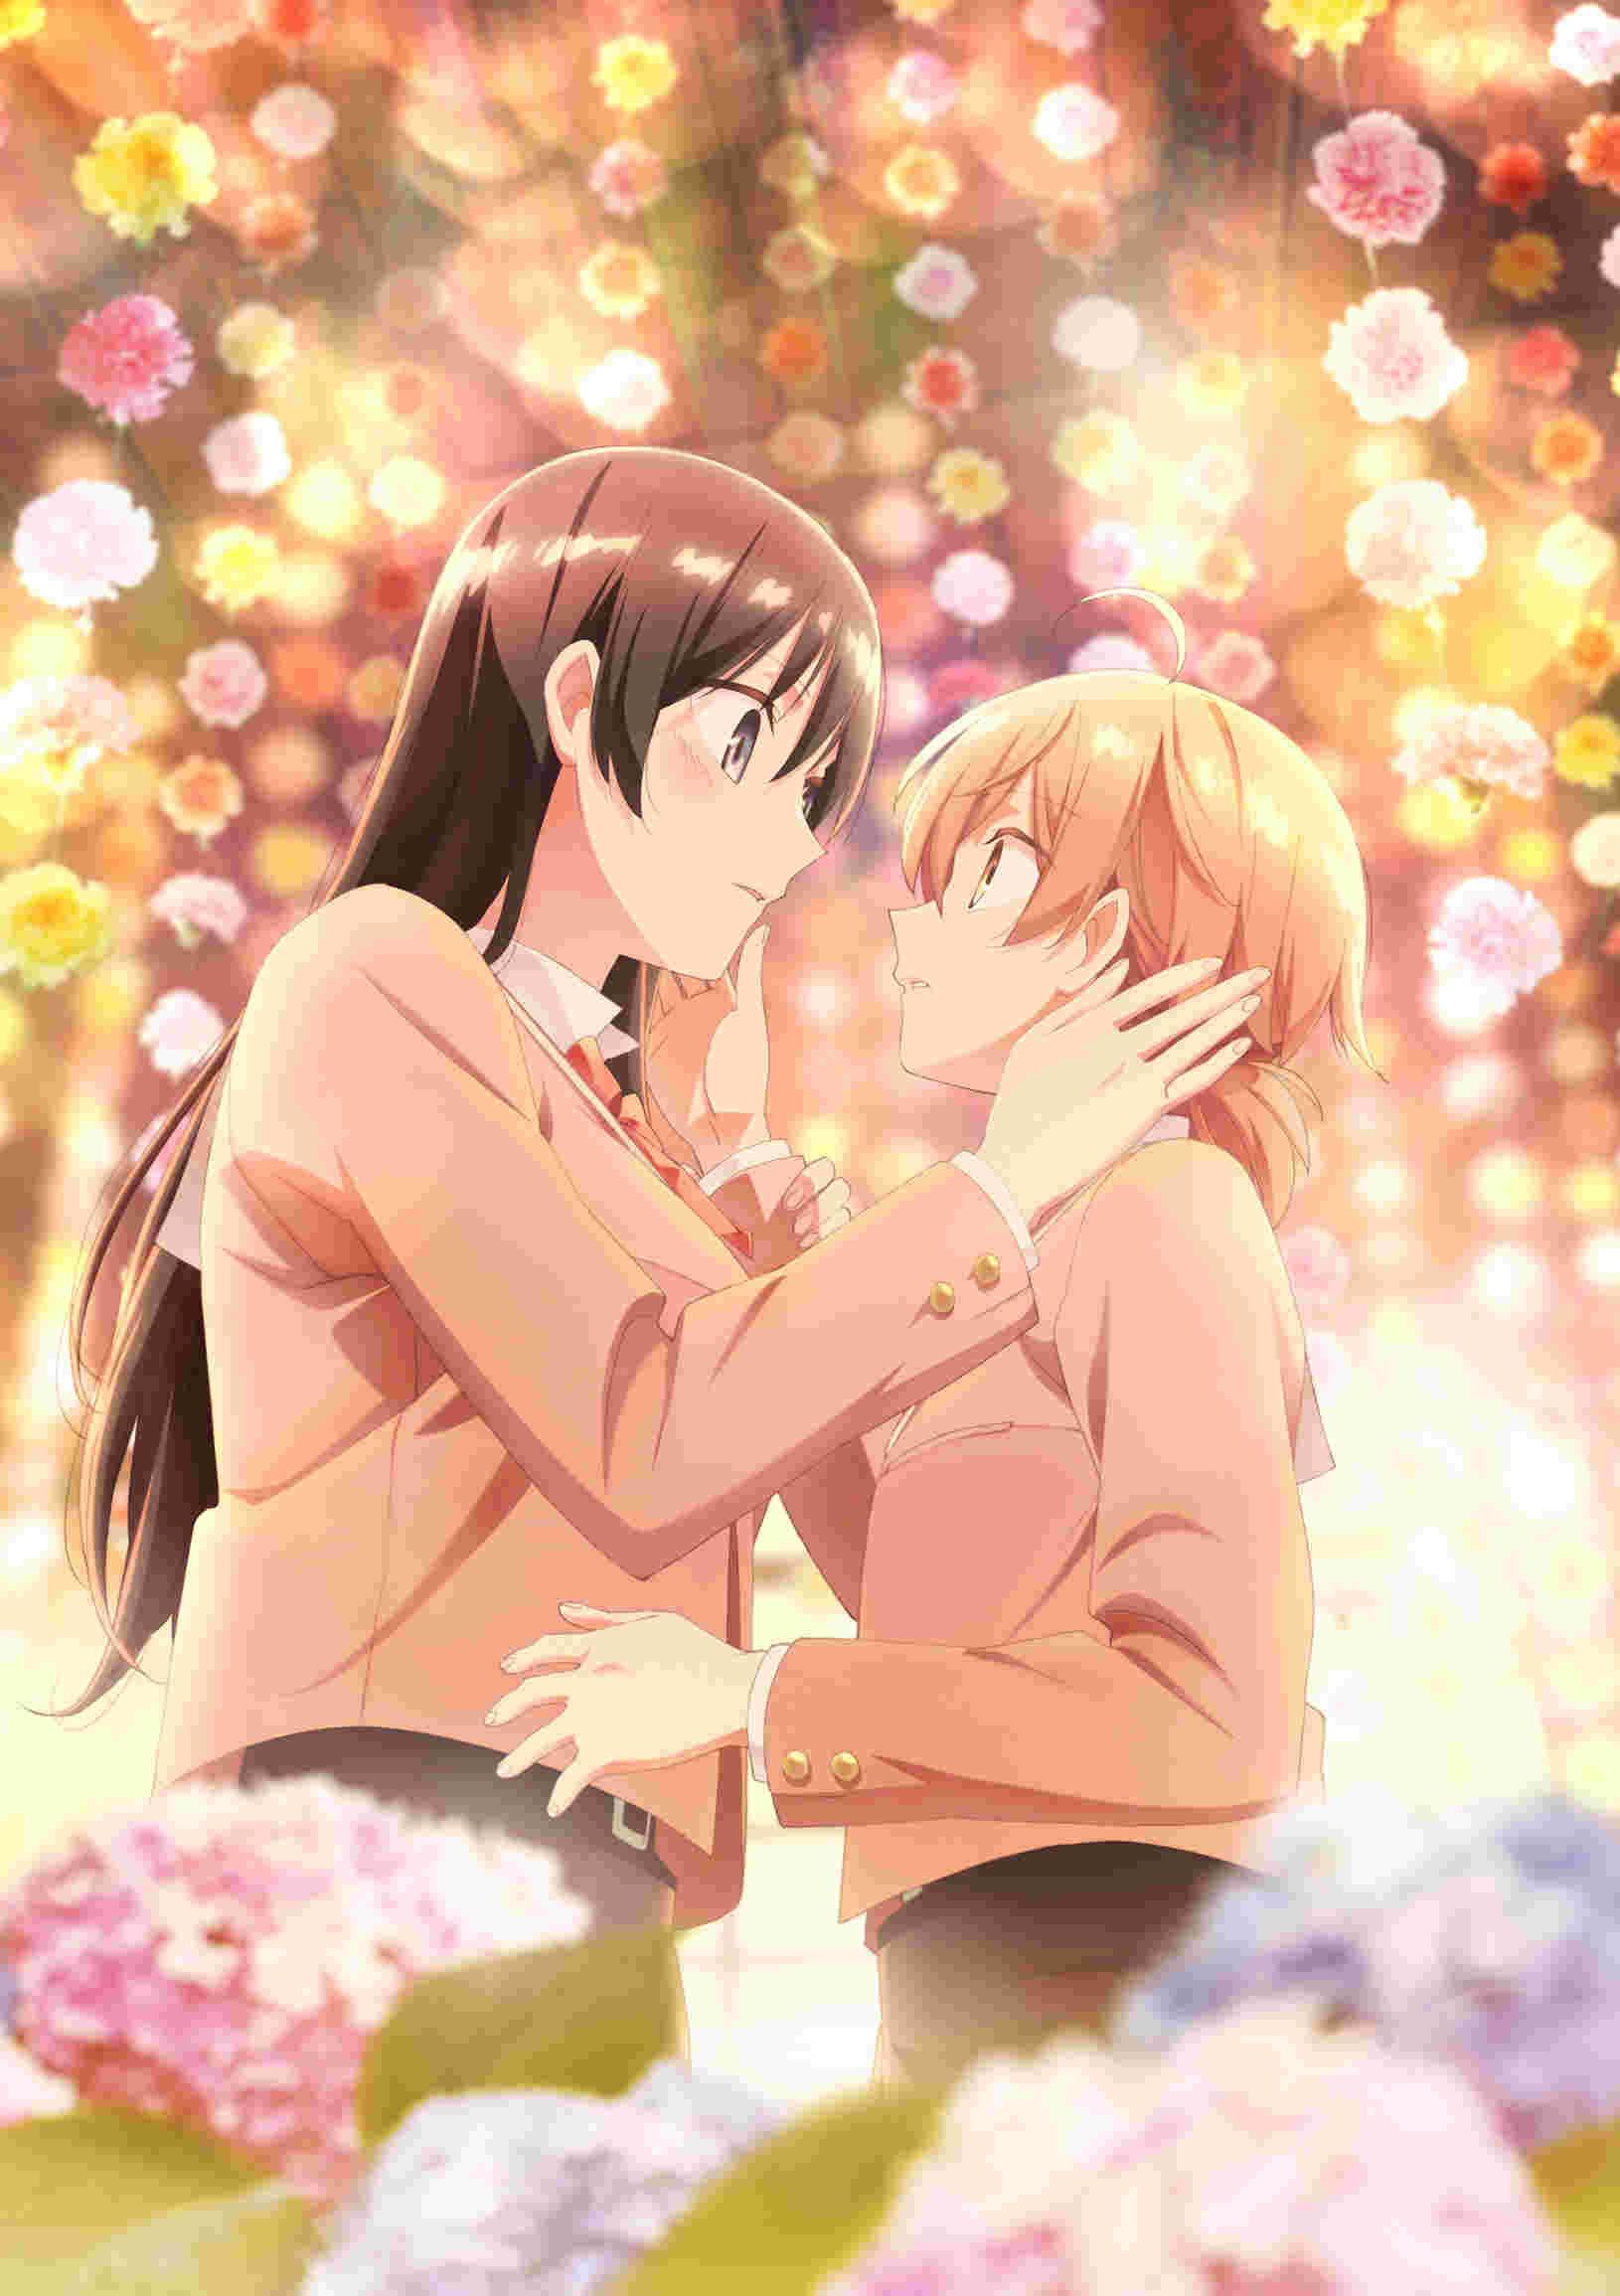 アニメ 青春 恋愛 青春恋愛アニメのおすすめは?おっさんだからこそ楽しめる深い作品!